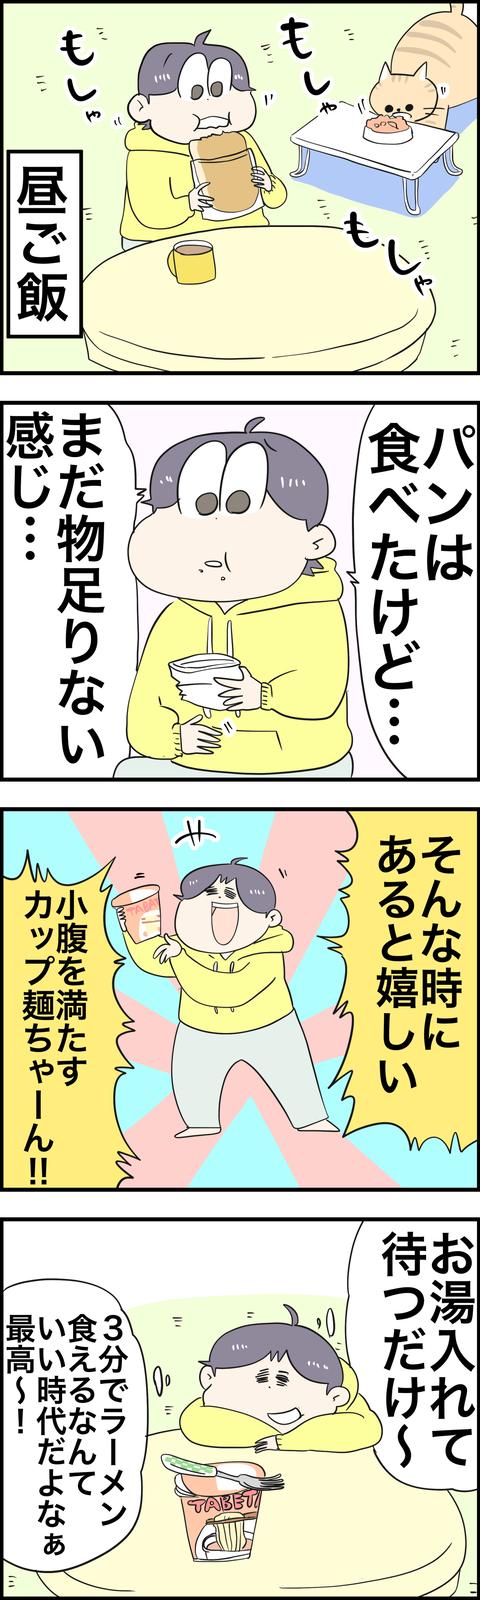 1384D9E0-32F2-441F-A92B-5549C81F2113